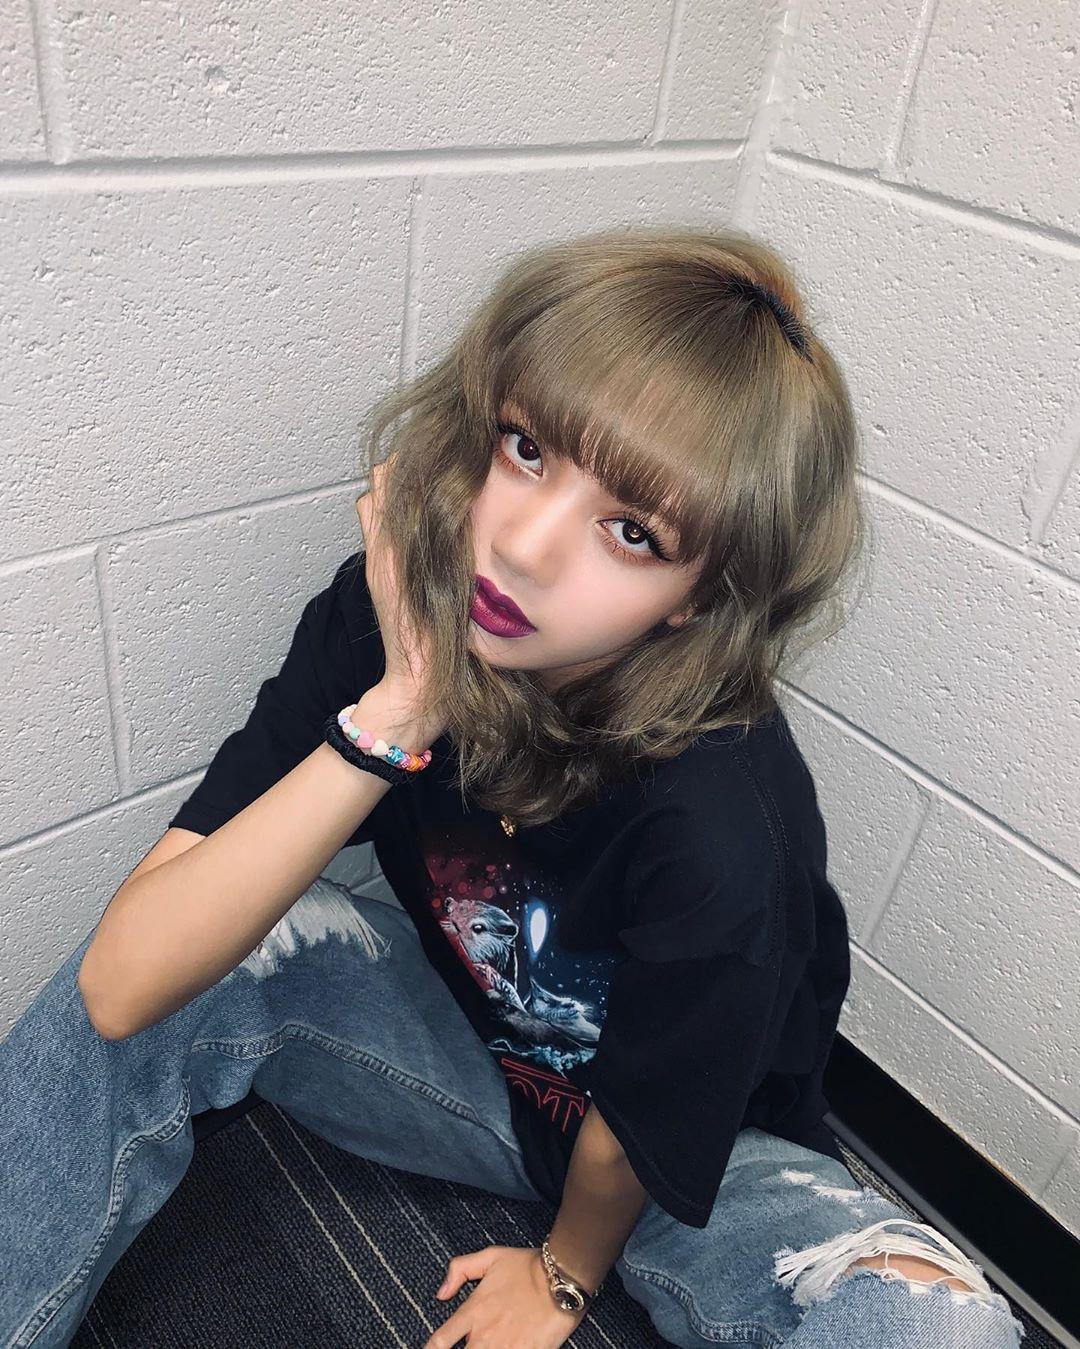 Lisa (BLACKPINK) mặc áo phông thôi mà cũng gây sốt trên MXH, hóa ra là nhờ bộ phận cơ thể siêu hot này - Ảnh 1.